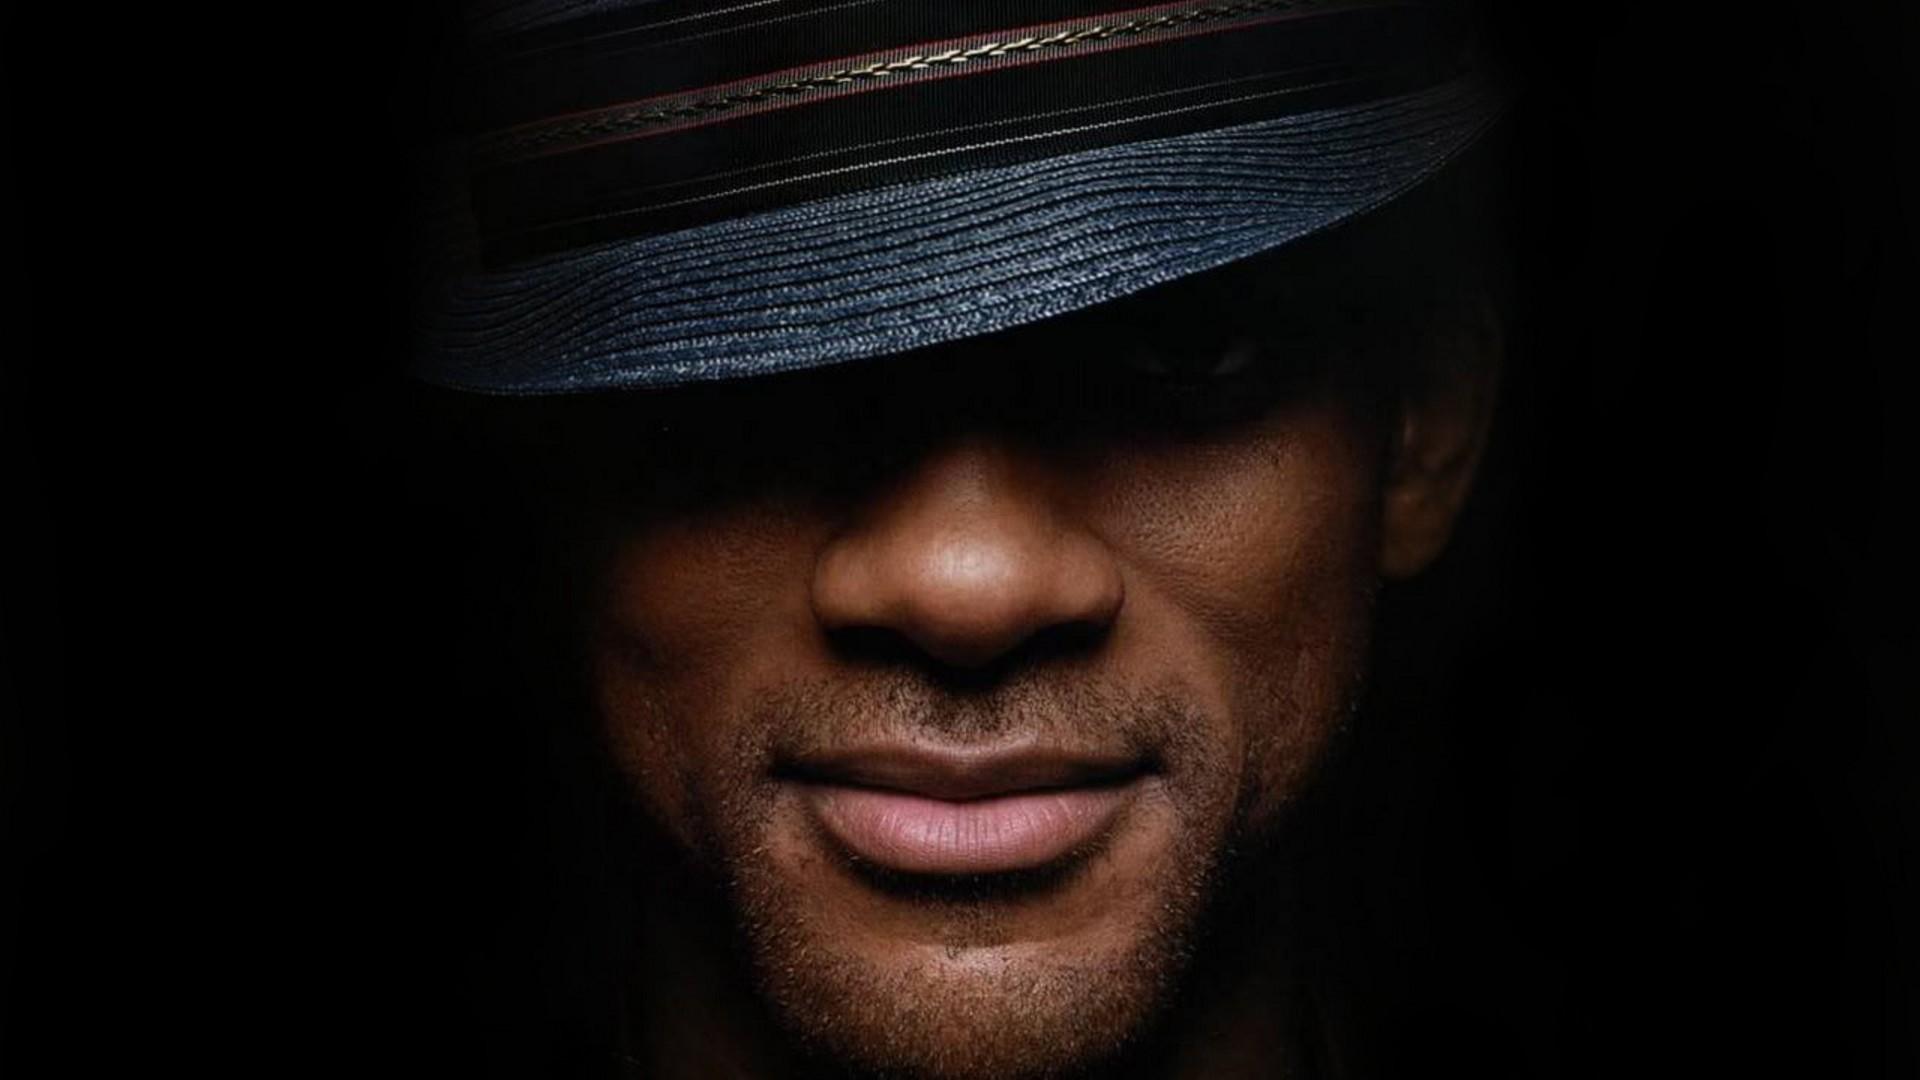 richest actor in the world, willsmith